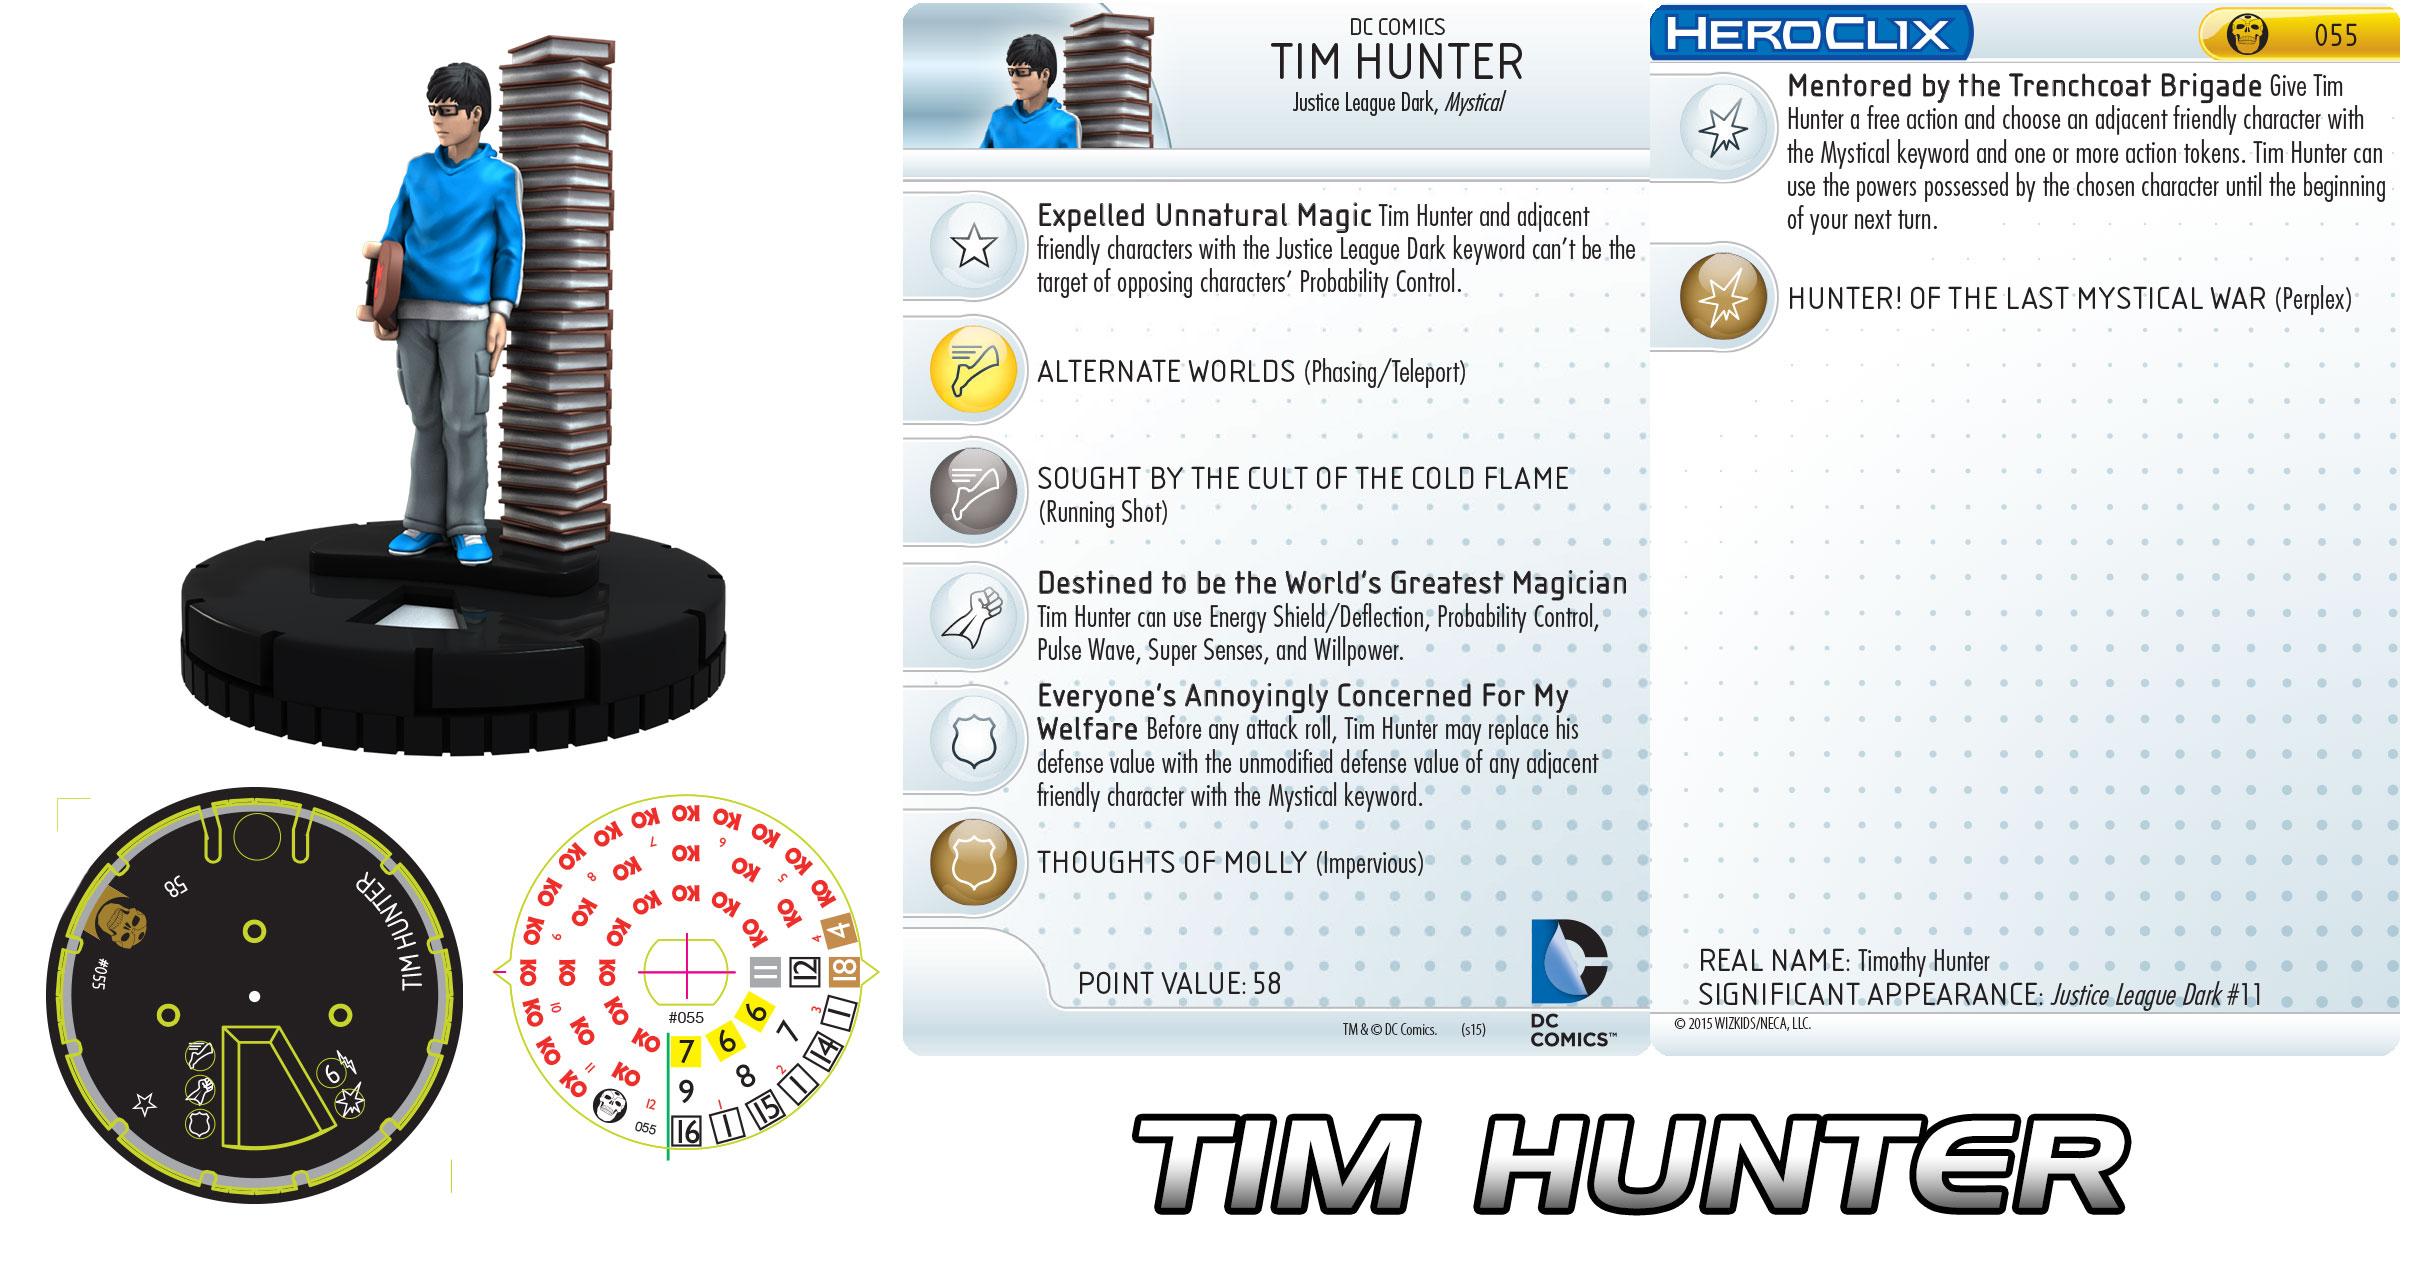 heroclix-tim-hunter.jpg